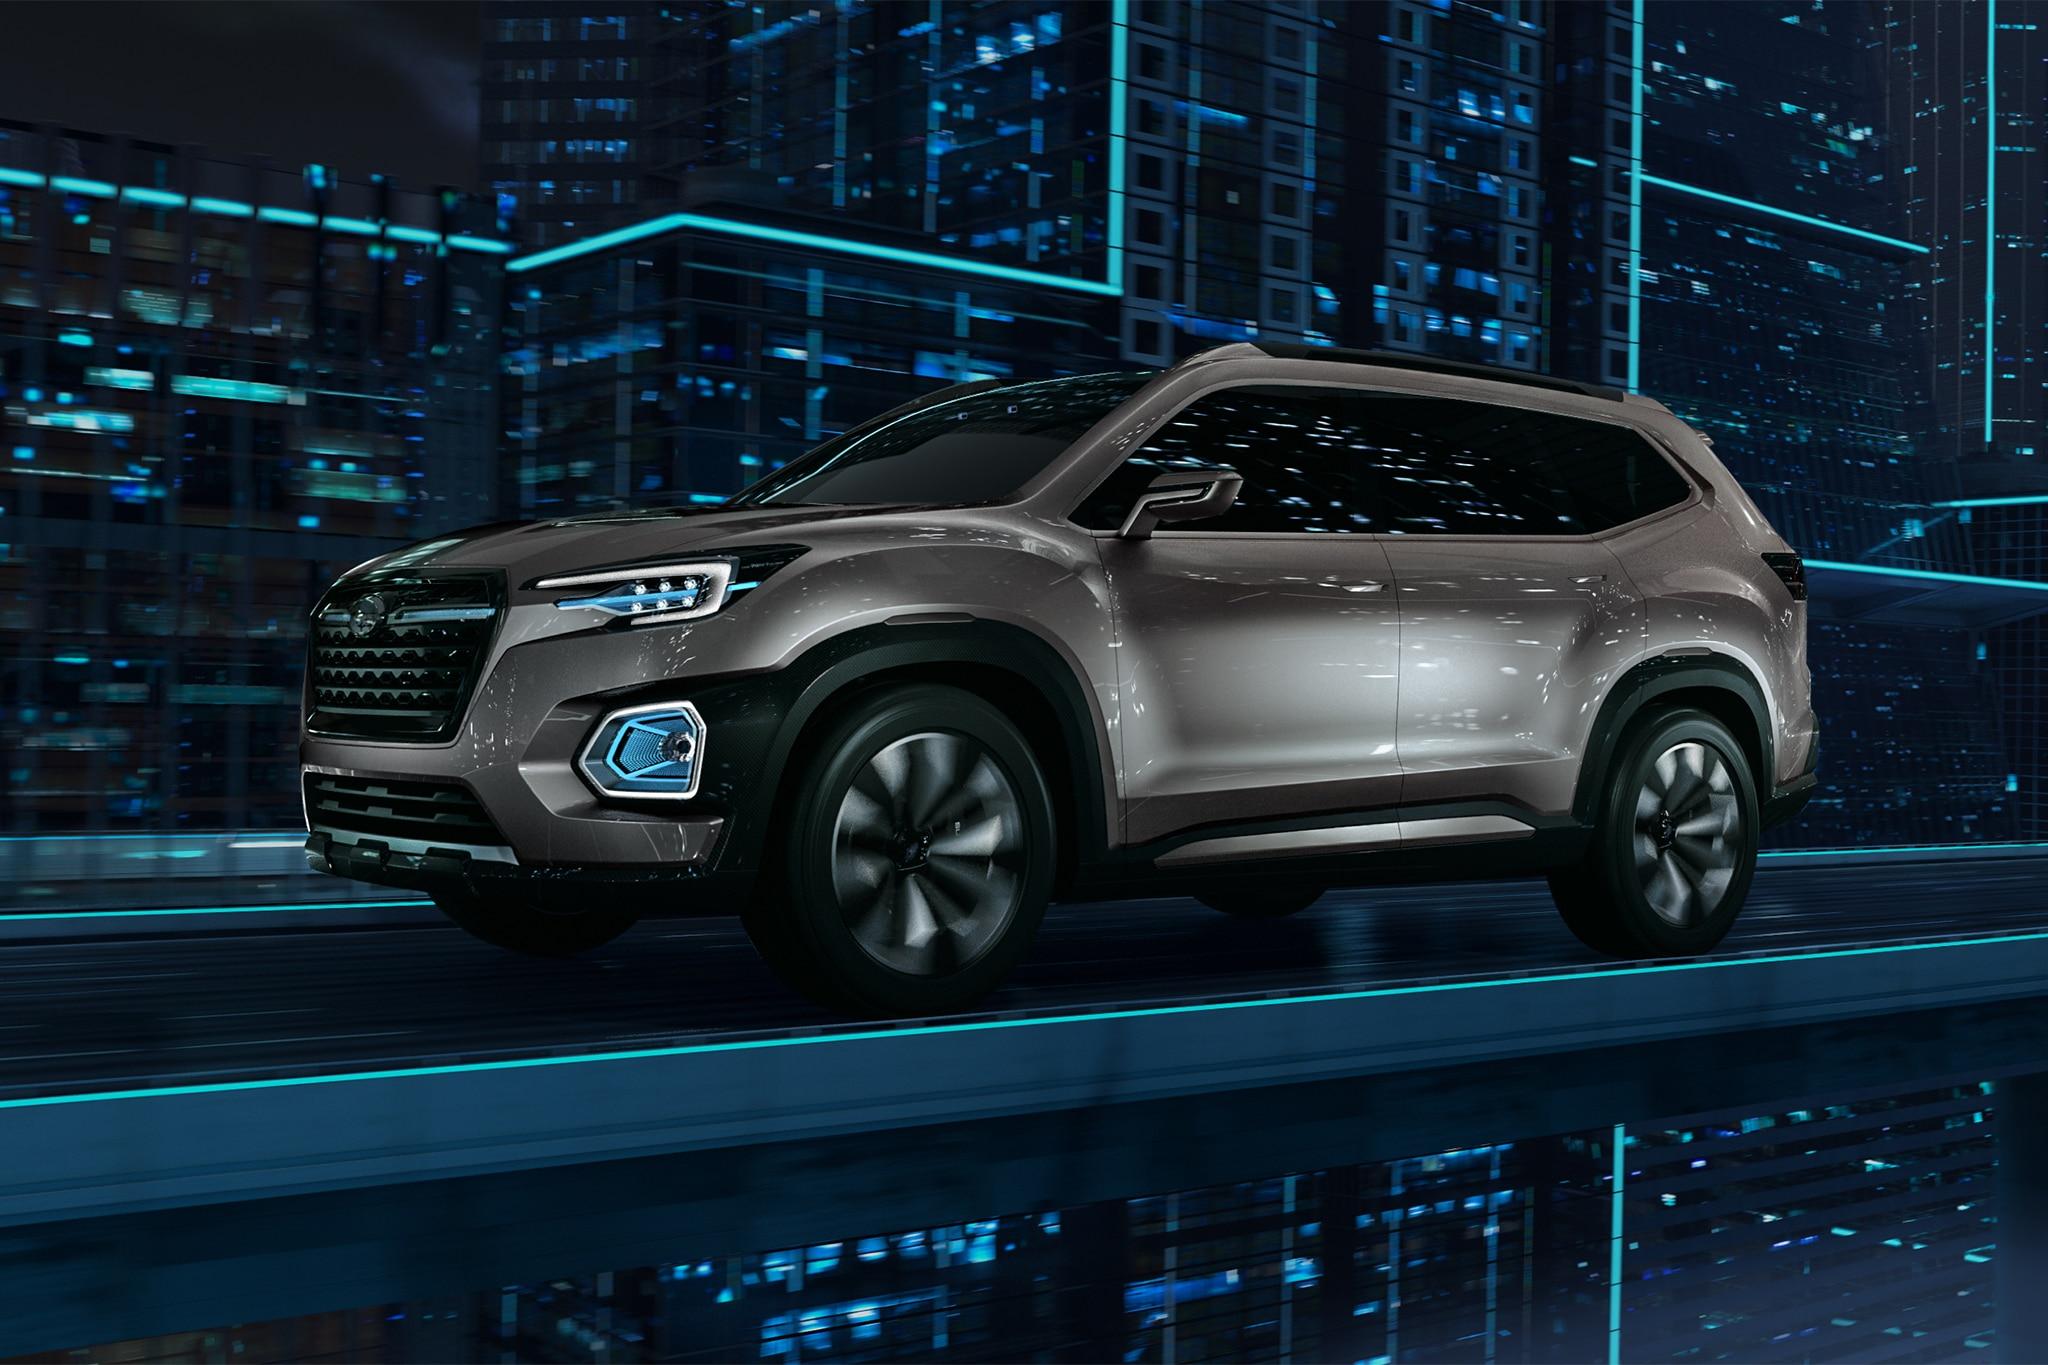 Subaru VIZIV 7 SUV Concept Front Three Quarter In Motion